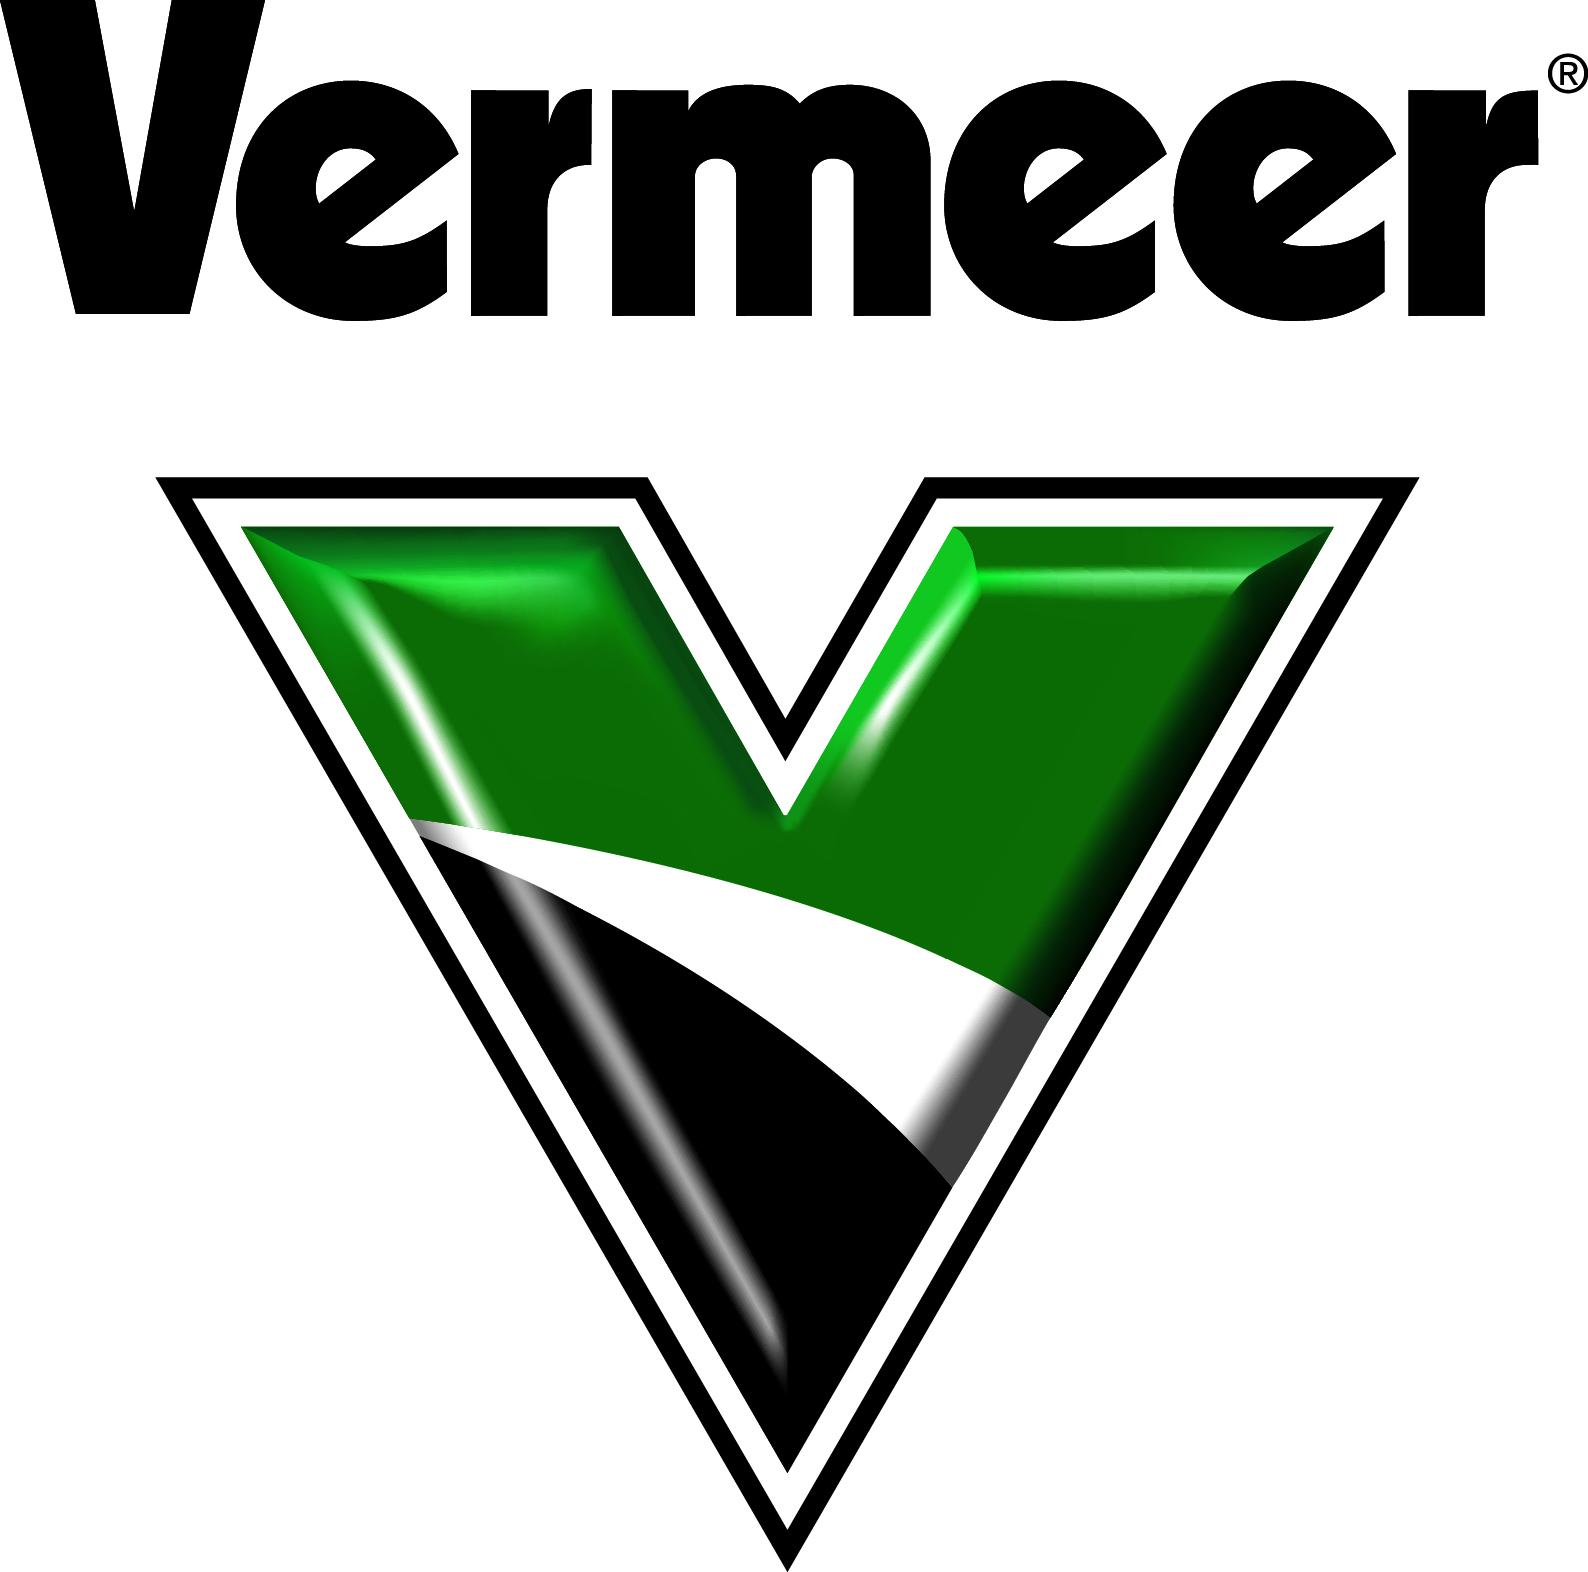 Vermeer_lockup_4clr.jpg